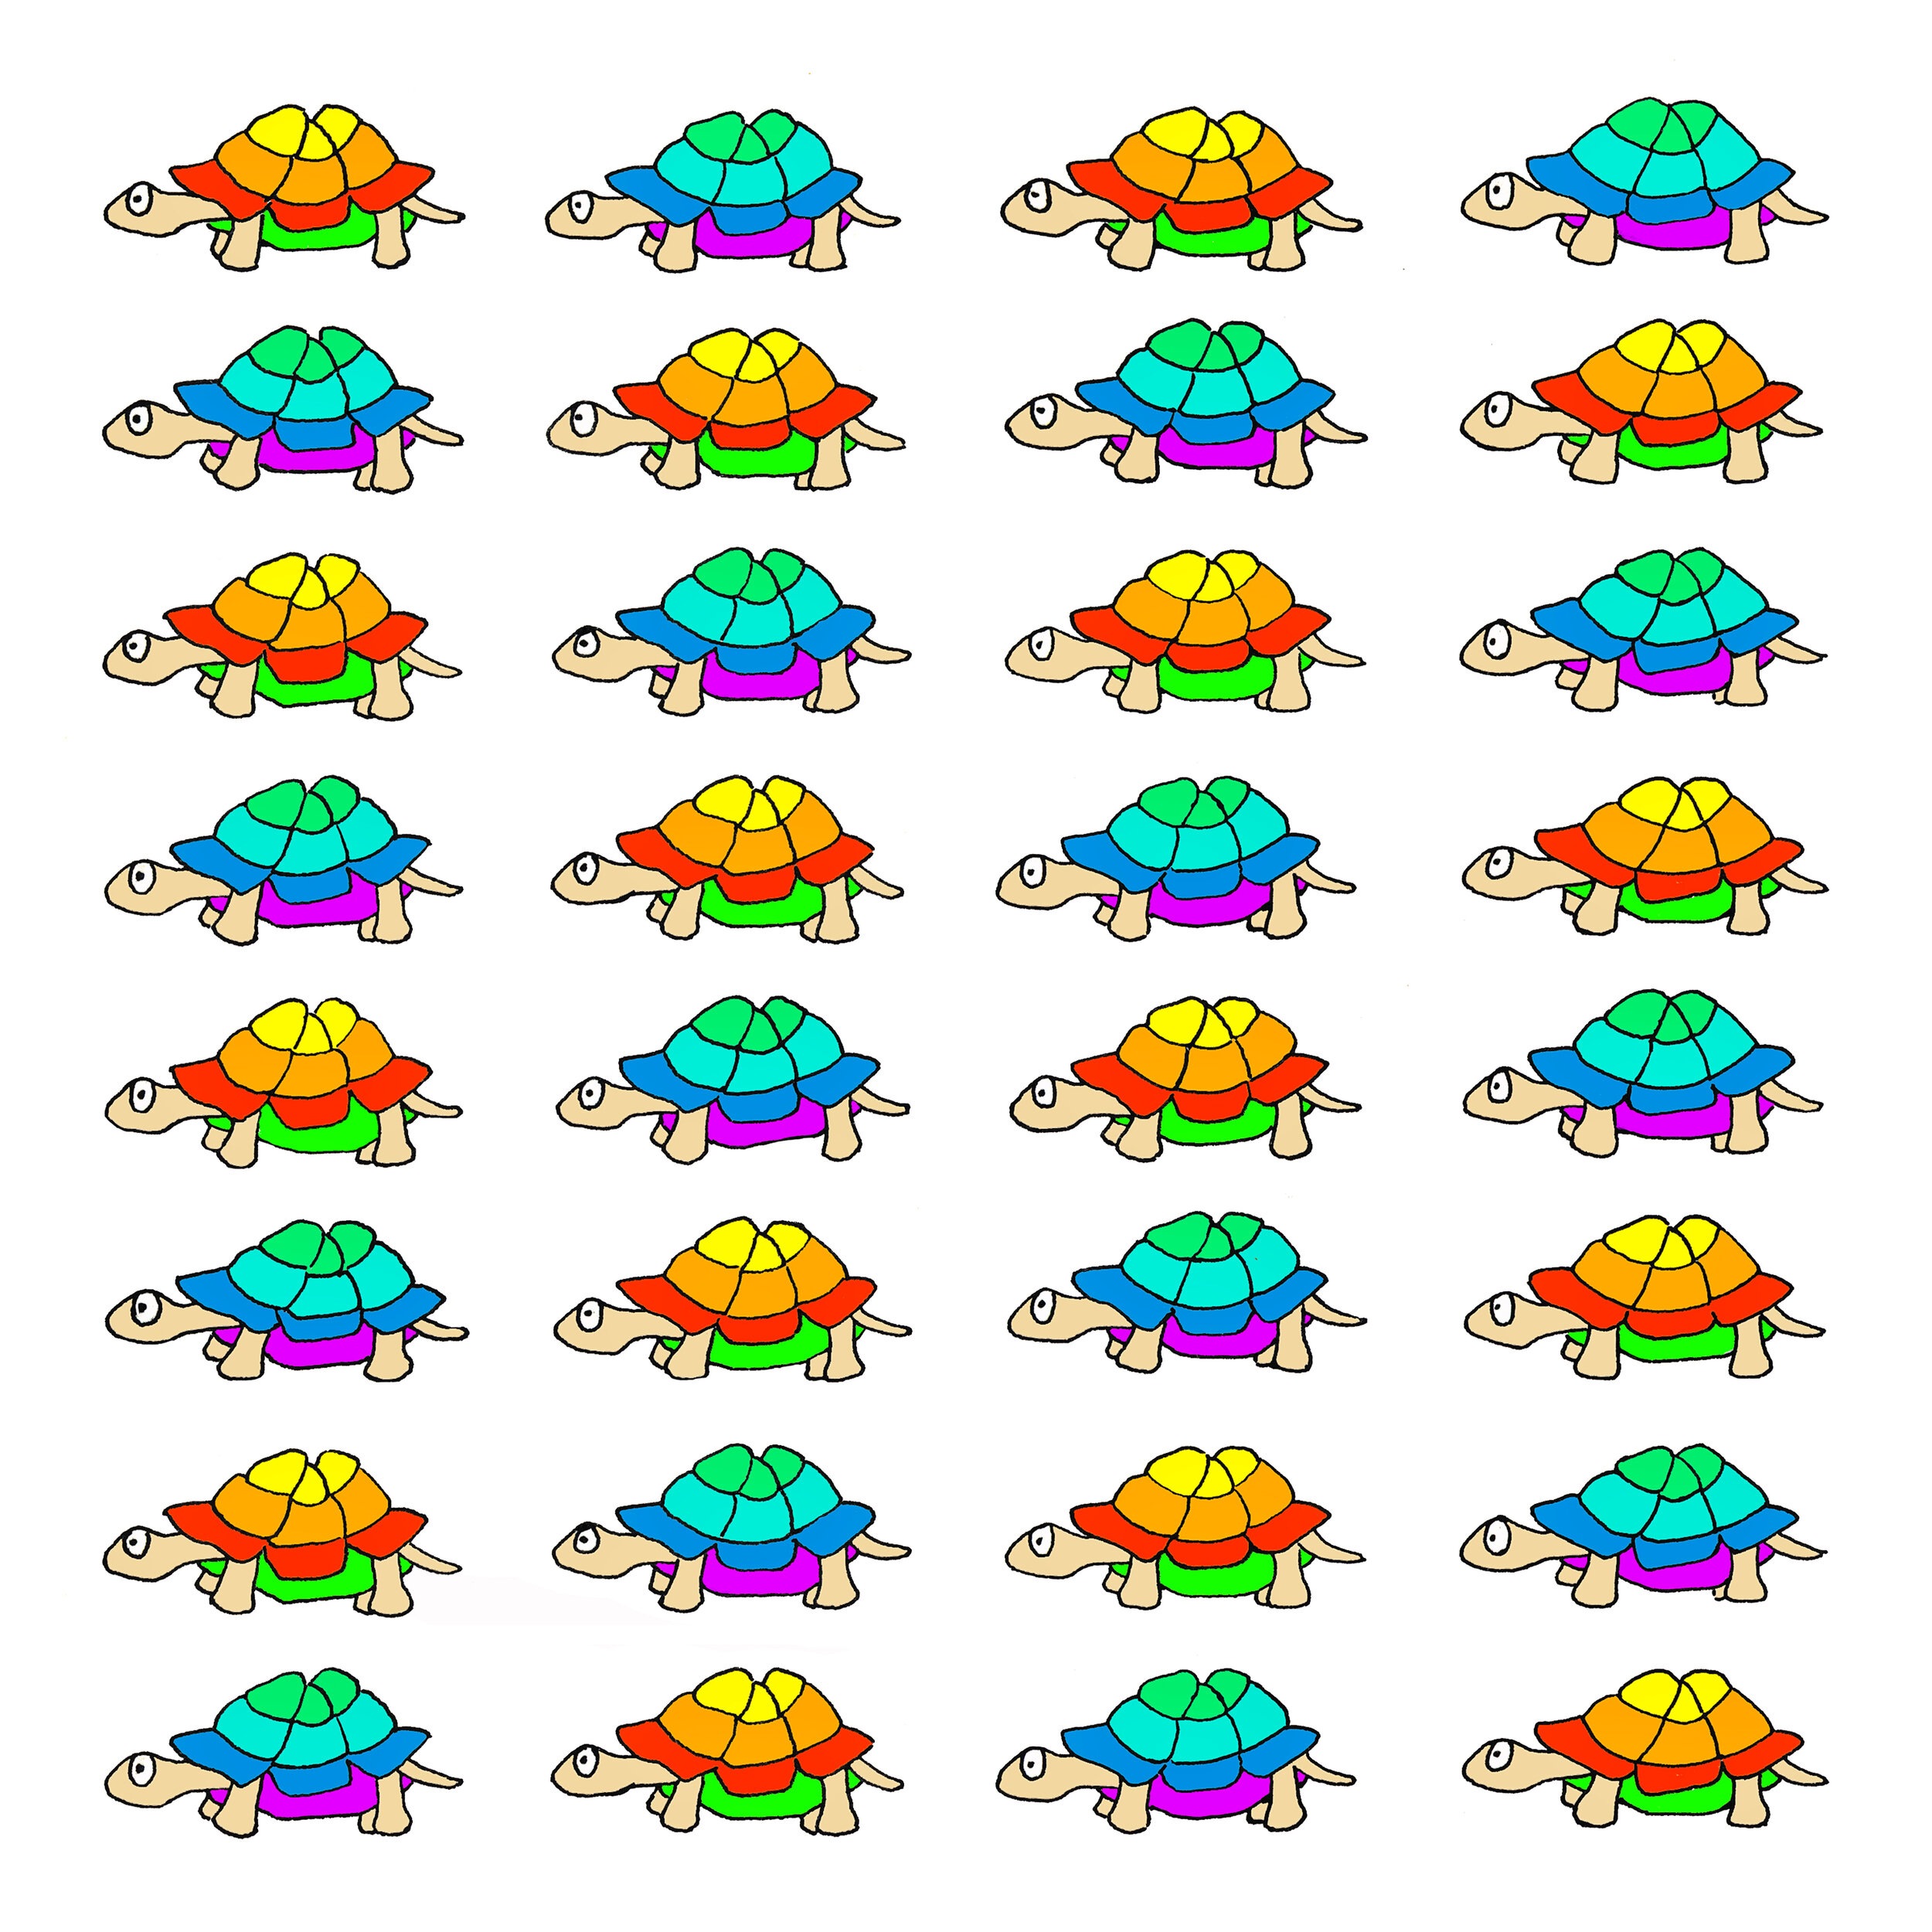 Marble Turtles10by10.jpg